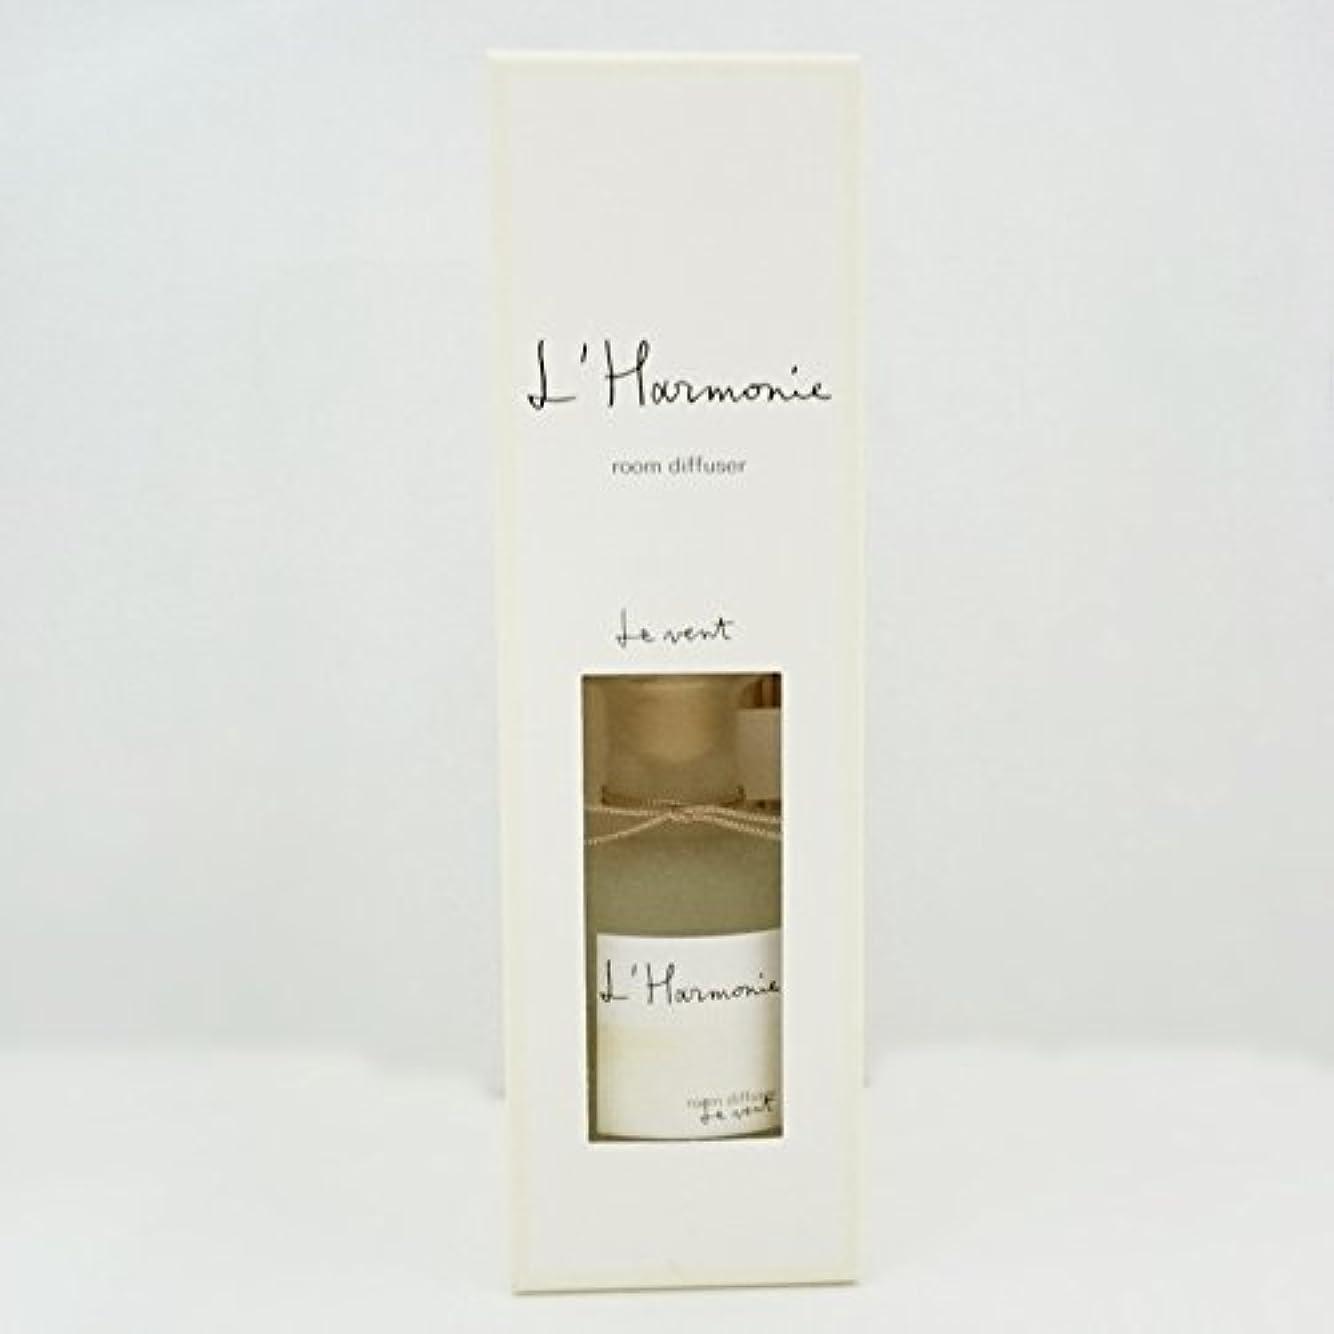 欠乏セーター新年Lothantique(ロタンティック) L' Harmonie(アルモニ) ルームディフューザー 200ml 「Le vent(ヴァン)」 4994228024640